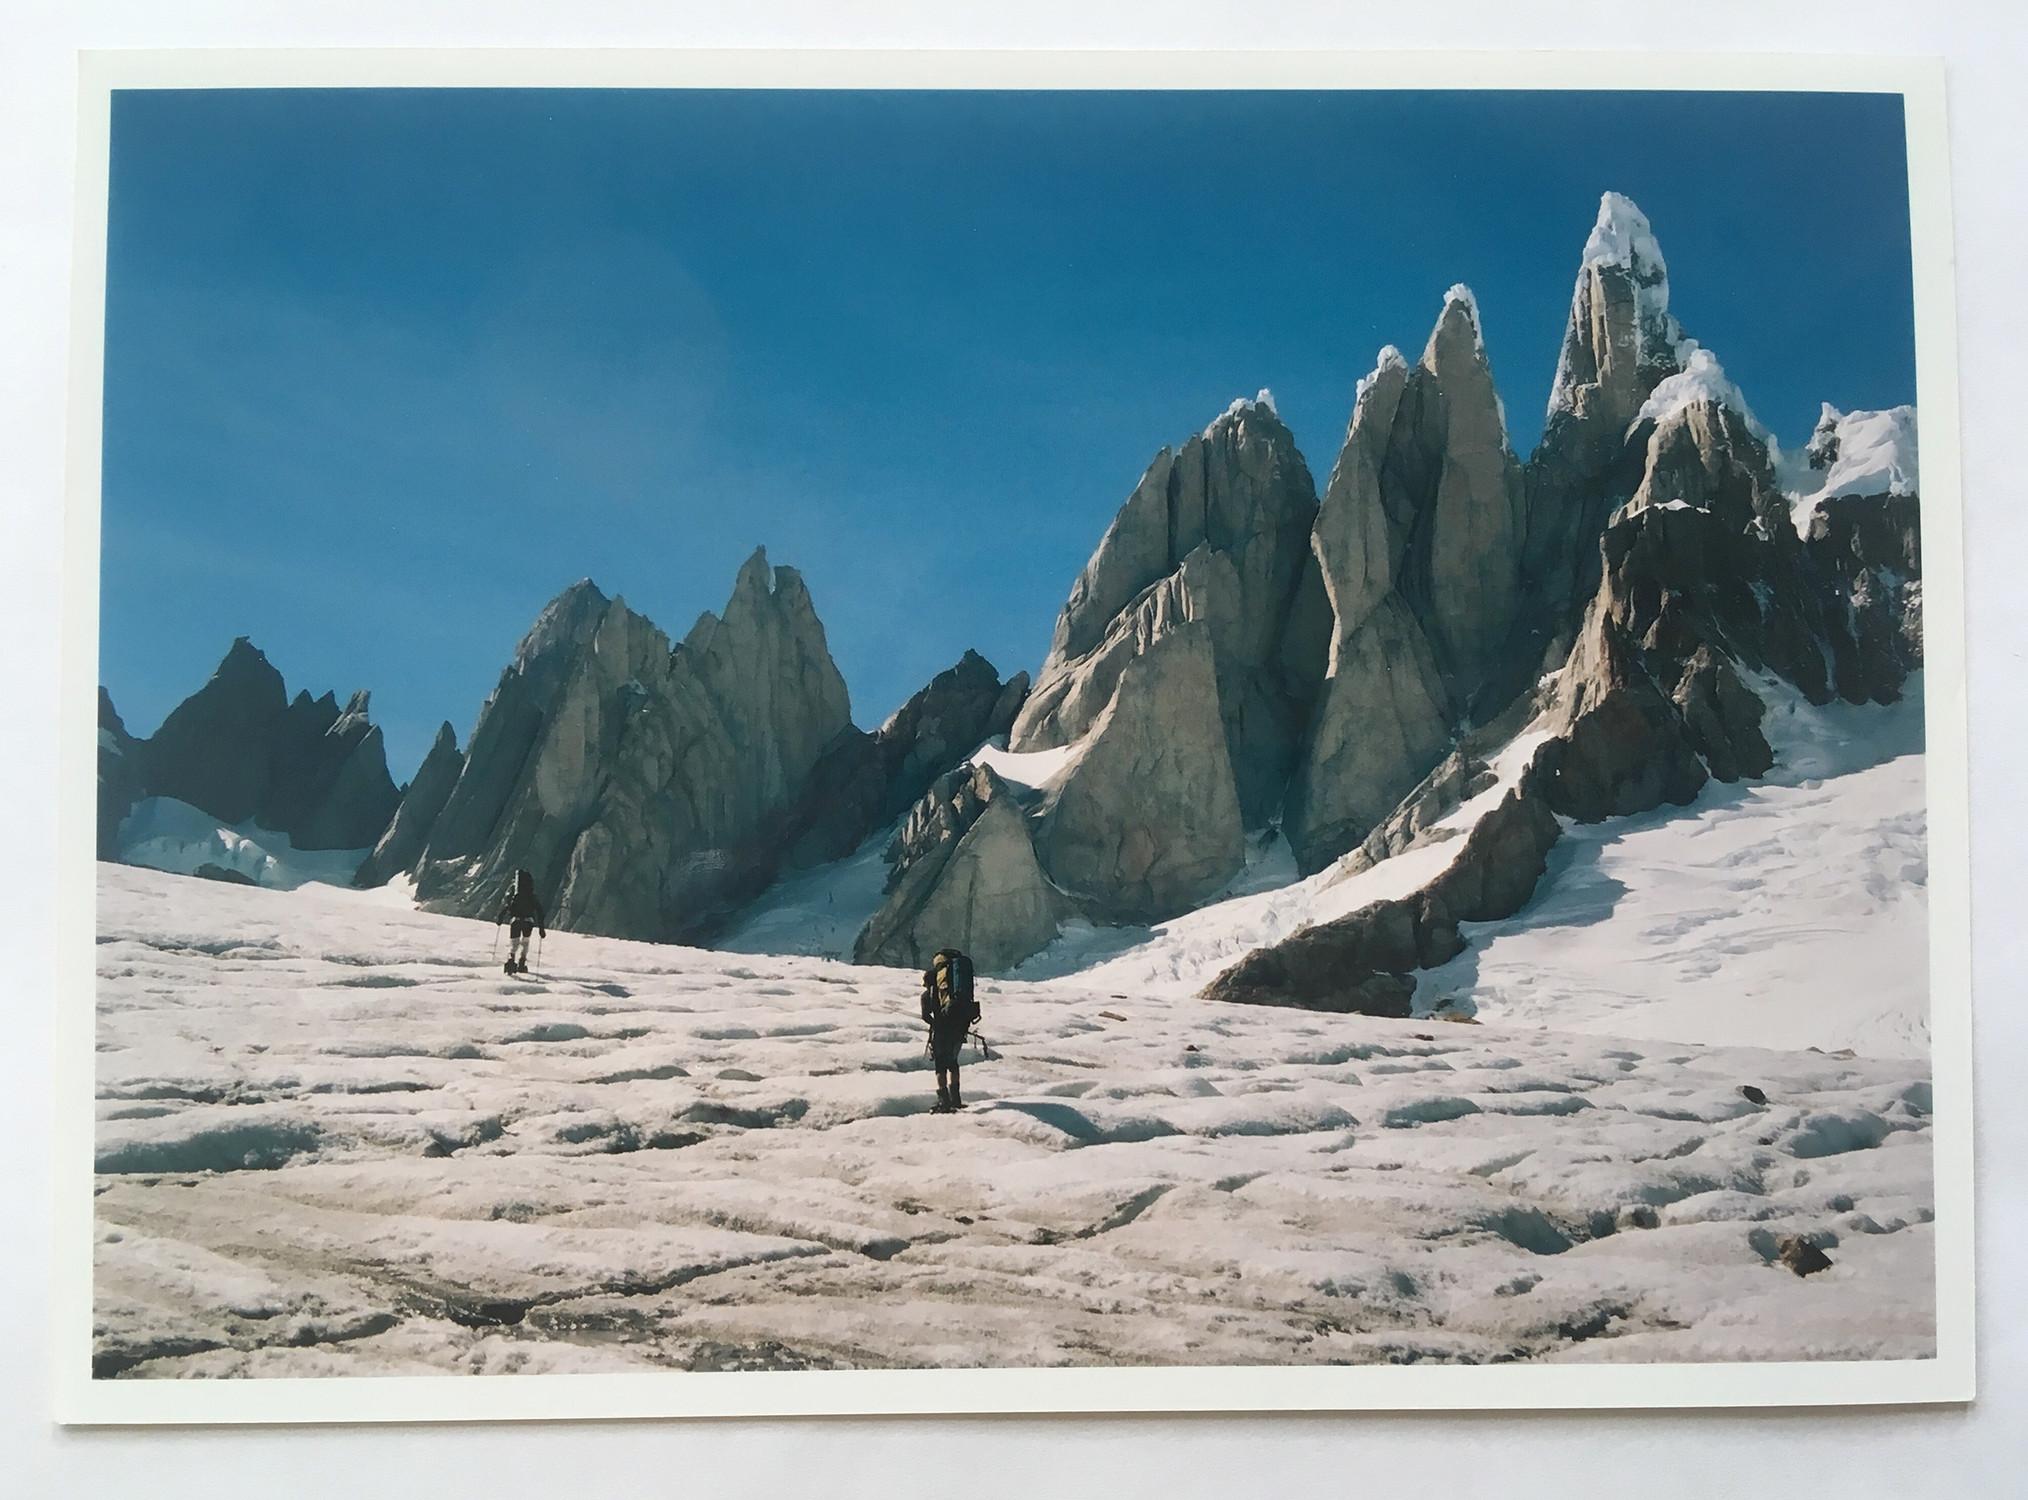 Hiking and trekking - Patagonia